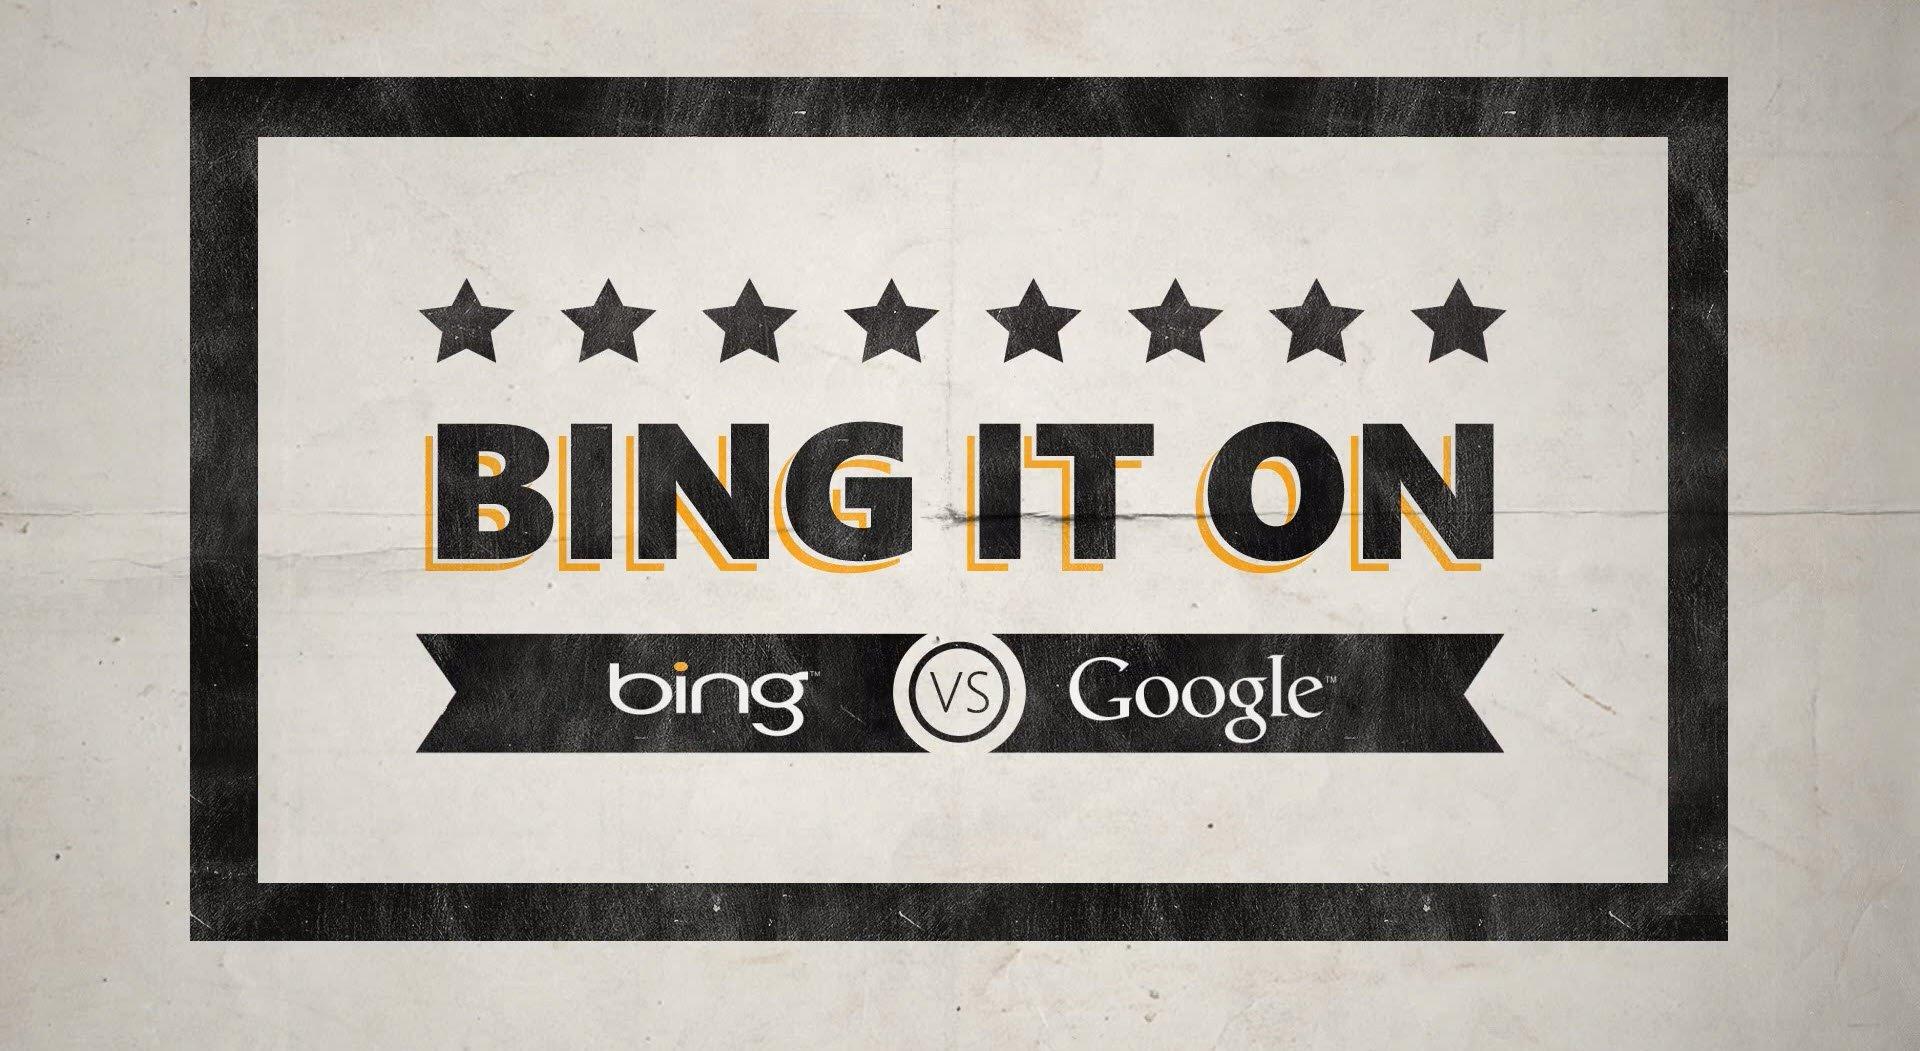 Bing It On, il servizio di Bing che permetteva di confrontare Bing con Google.